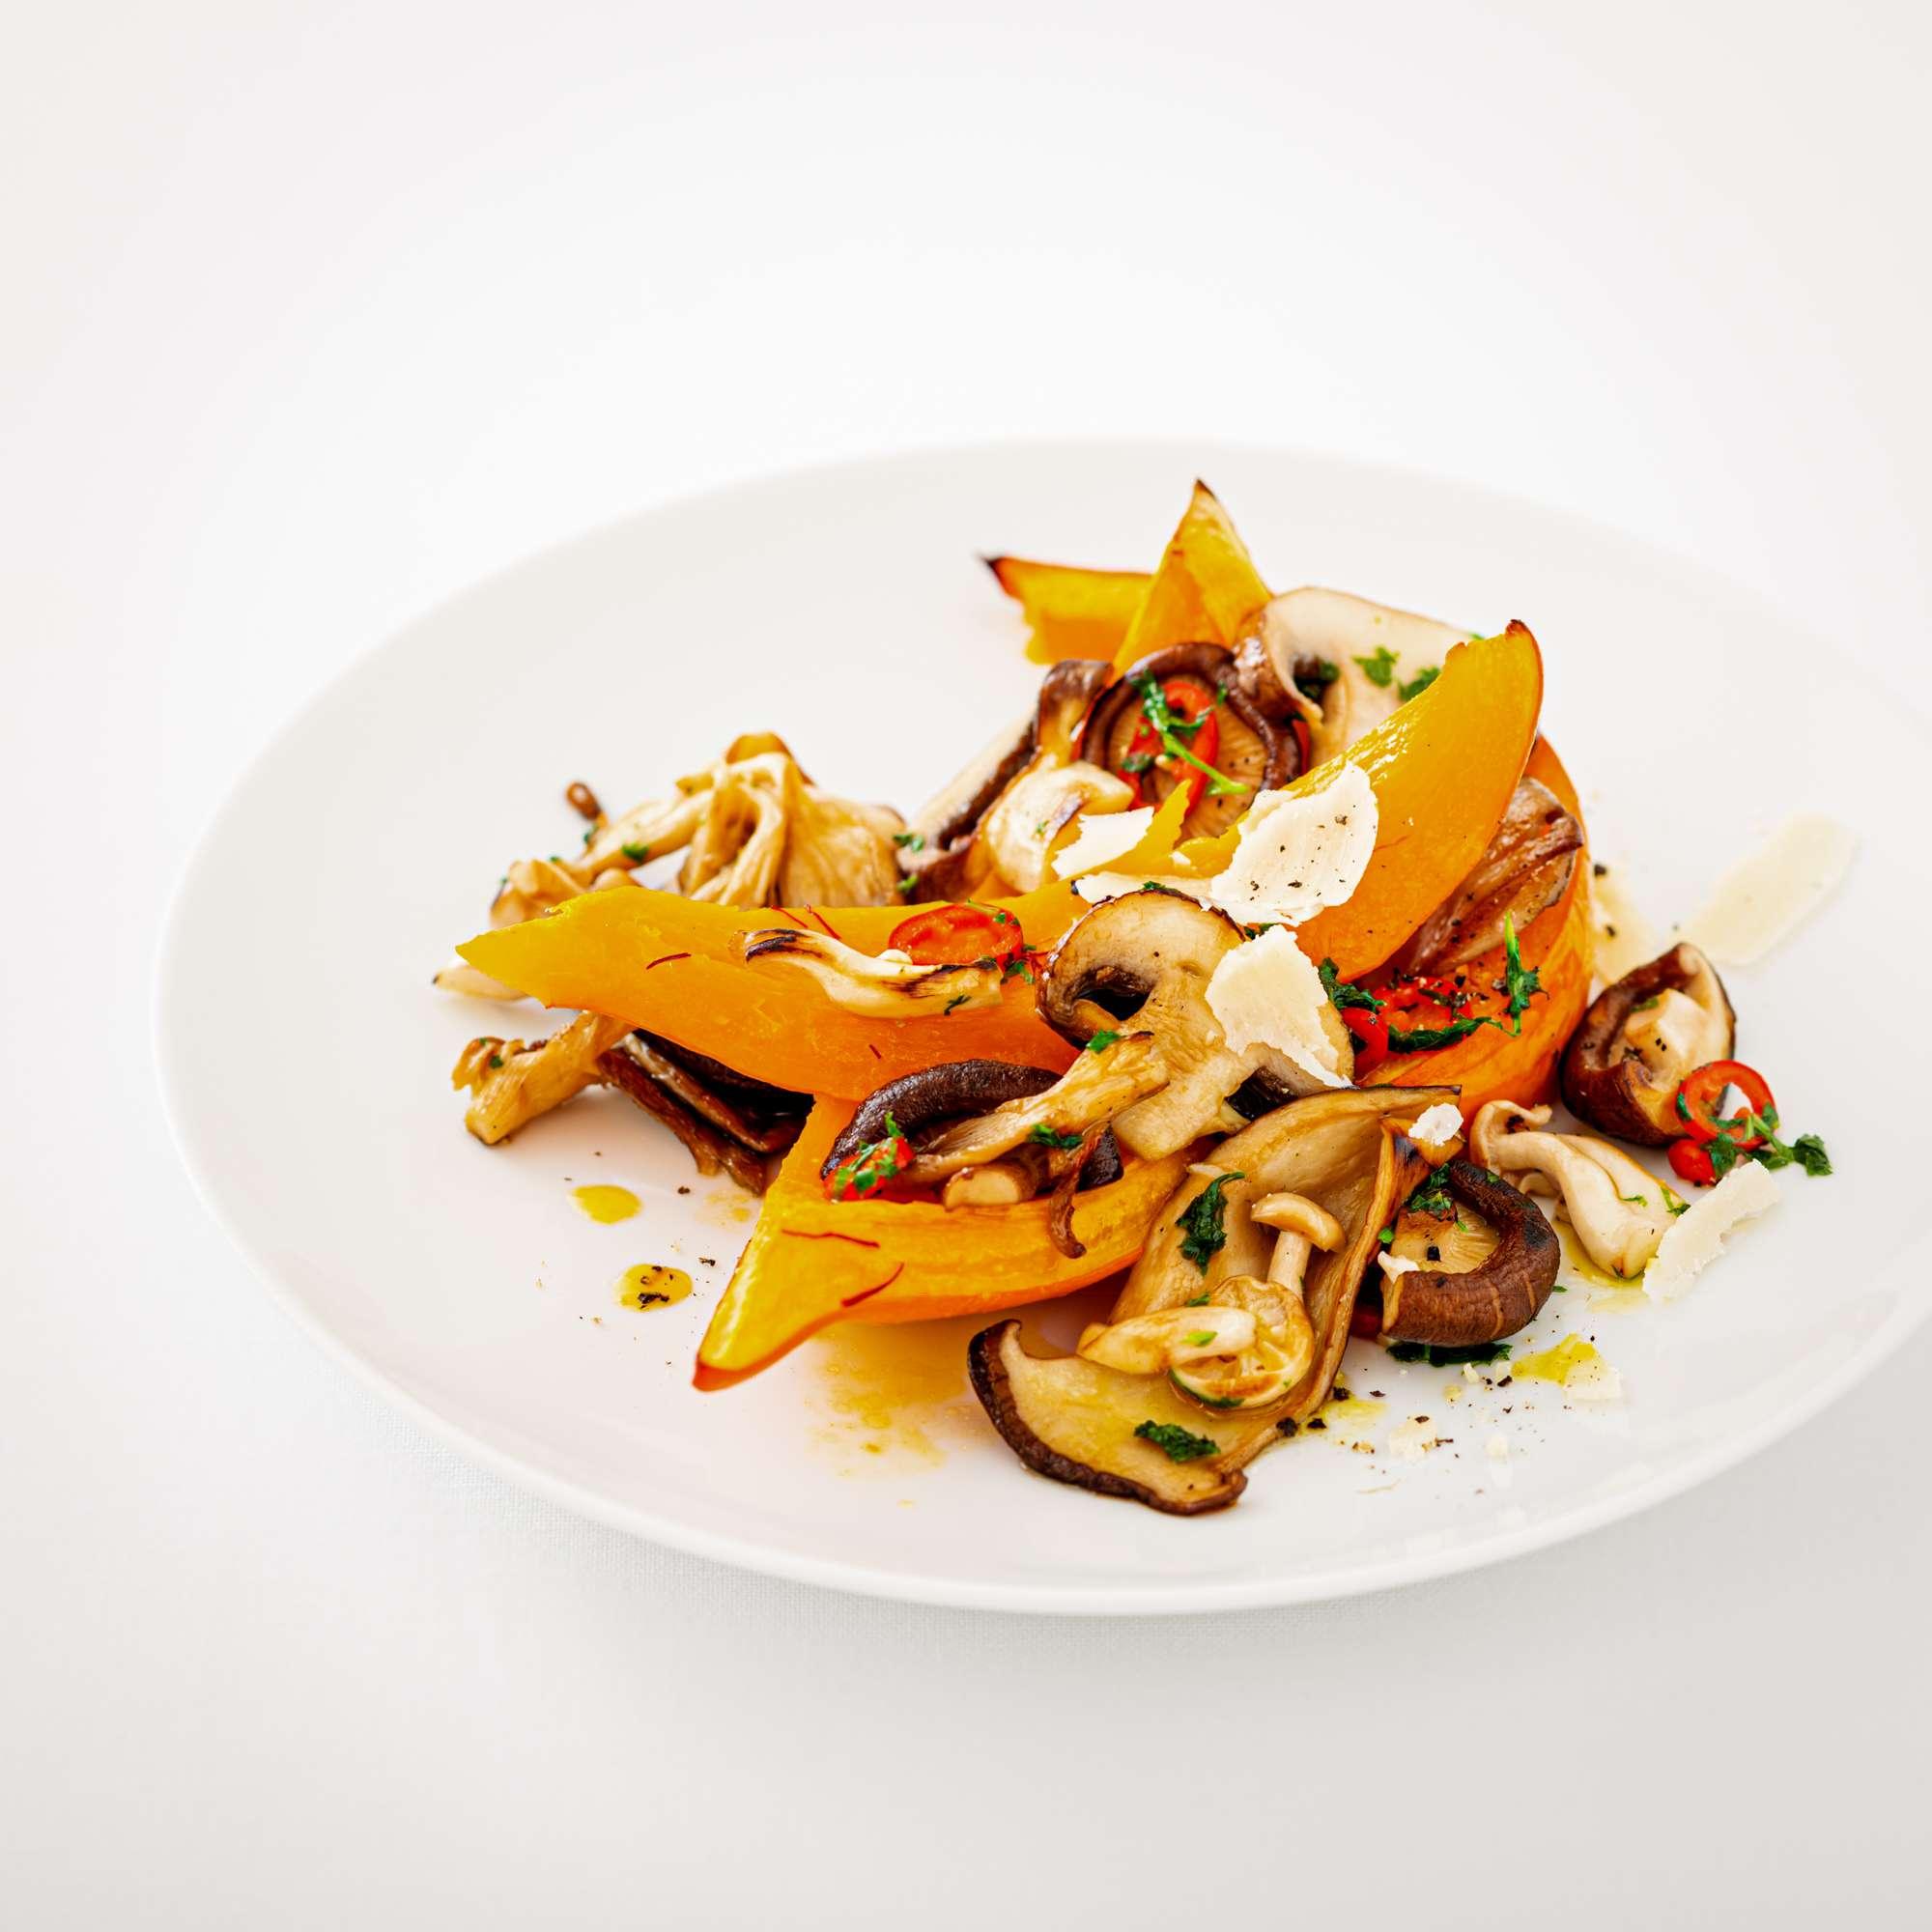 Safran-Kürbis aus dem Ofen mit gebratenen Pilzen